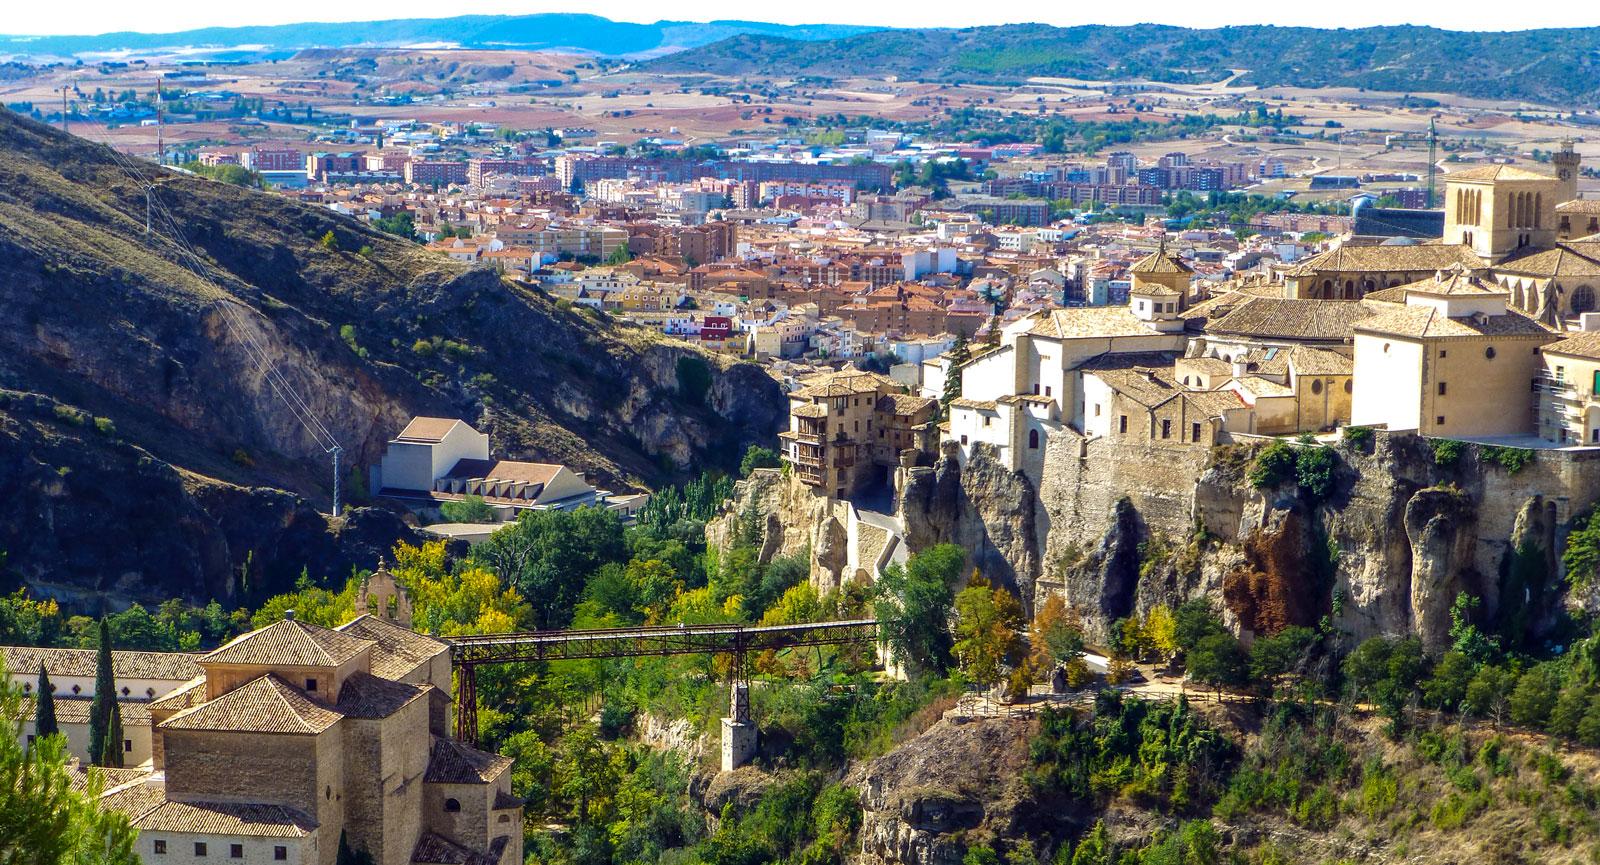 Cuenca, med hus som byggts direkt över de lodräta klipporna.